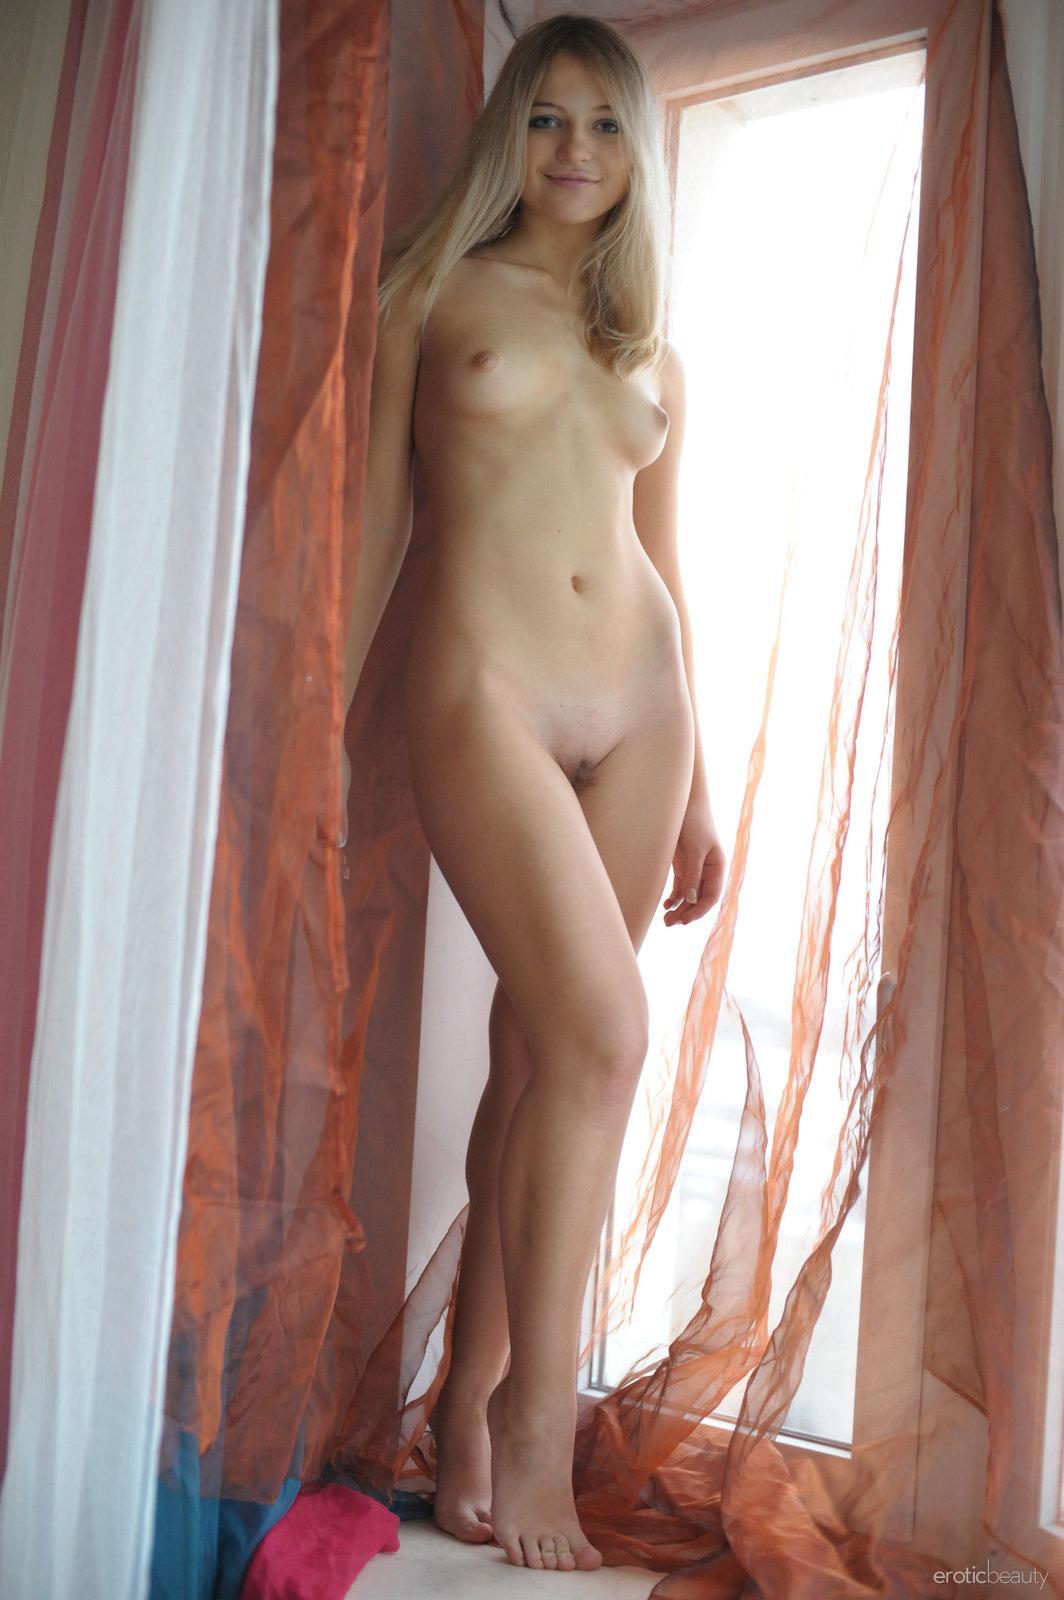 Erotic Beauties